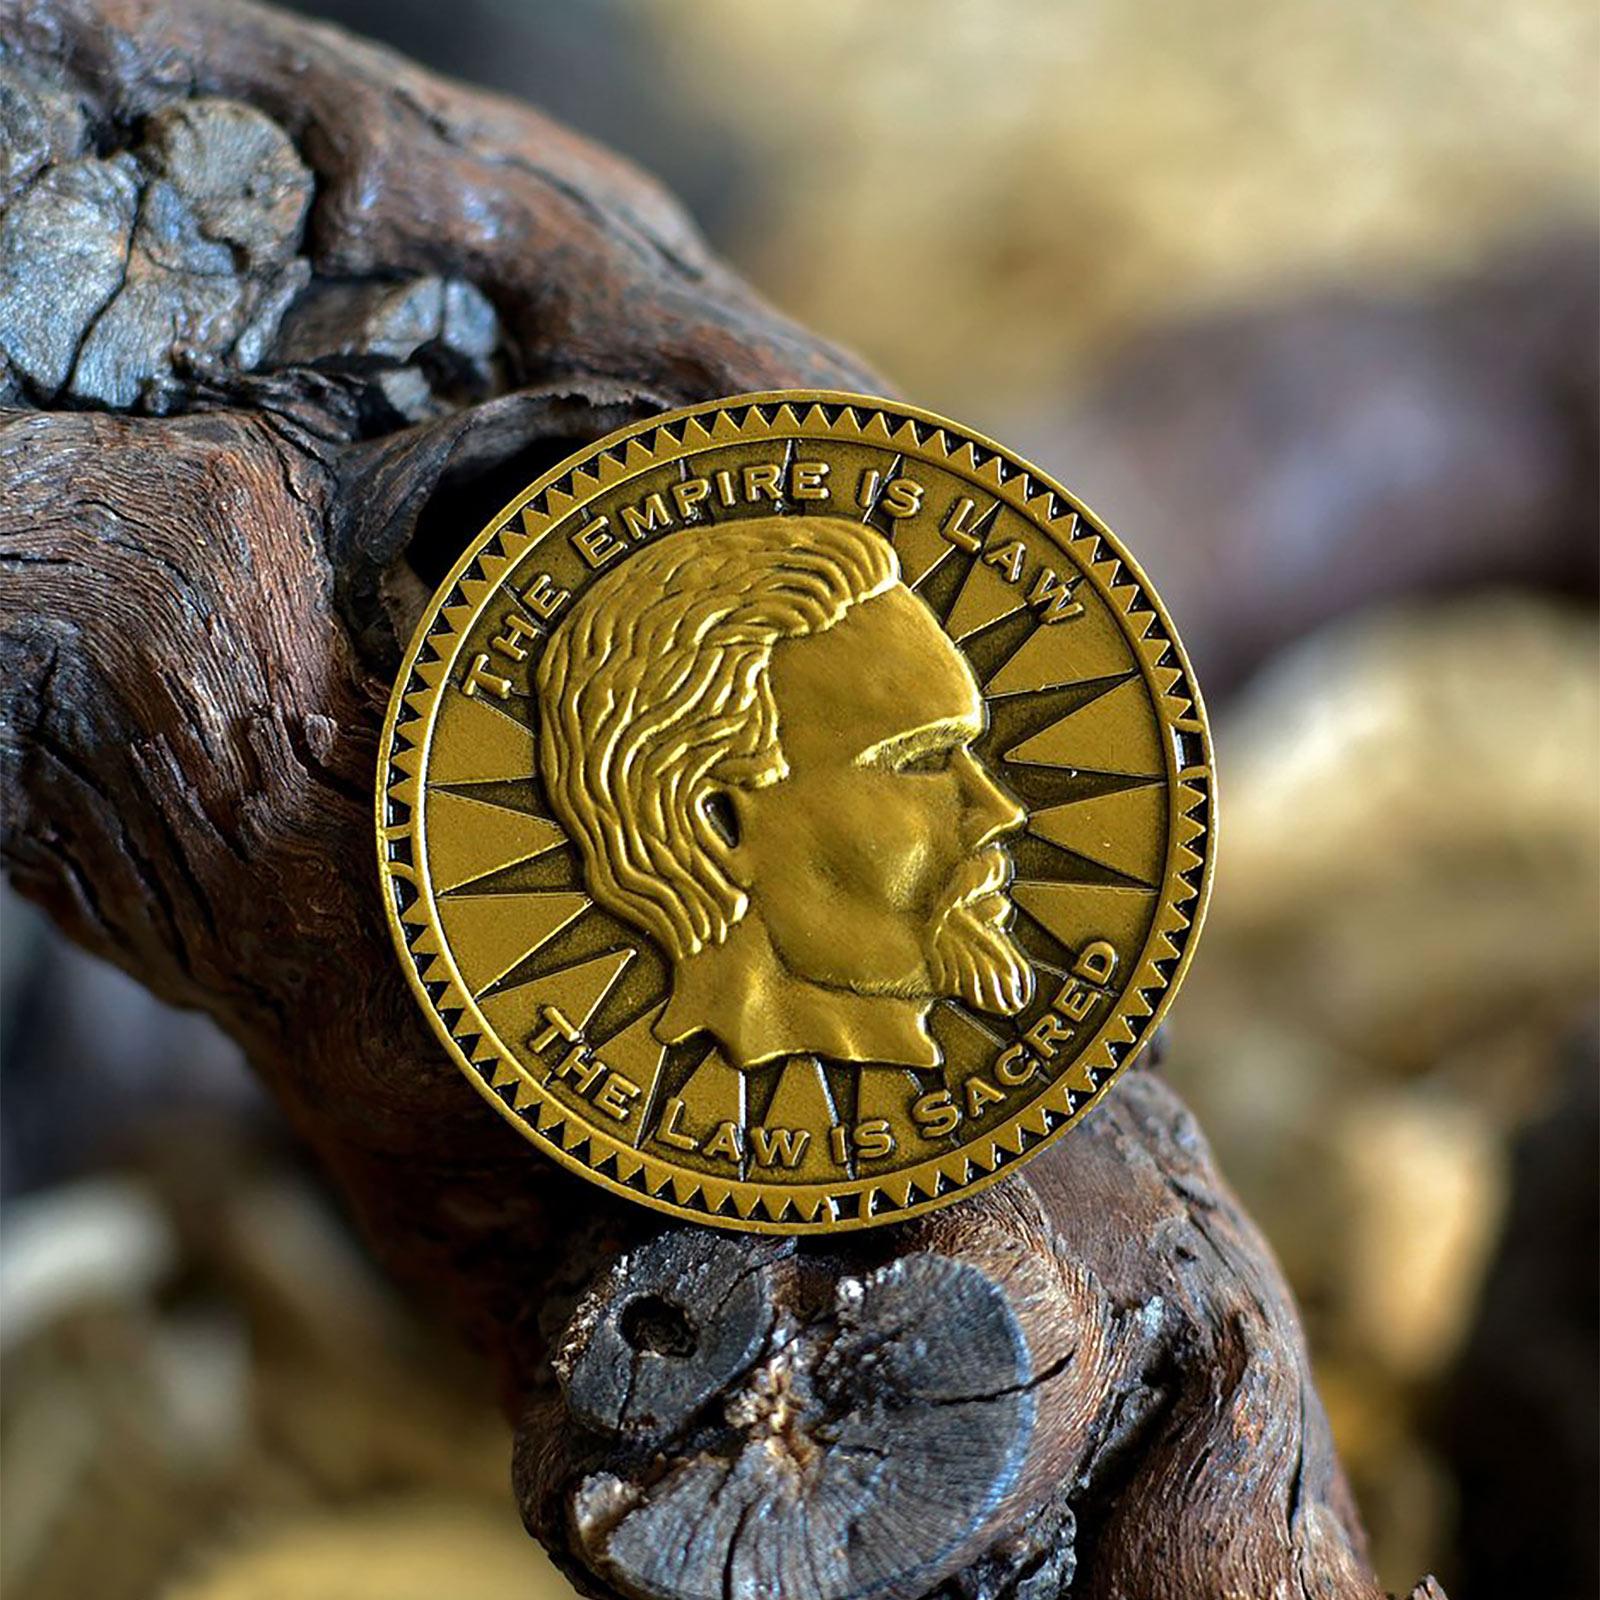 Skyrim - Septim Sammlermünze limitiert